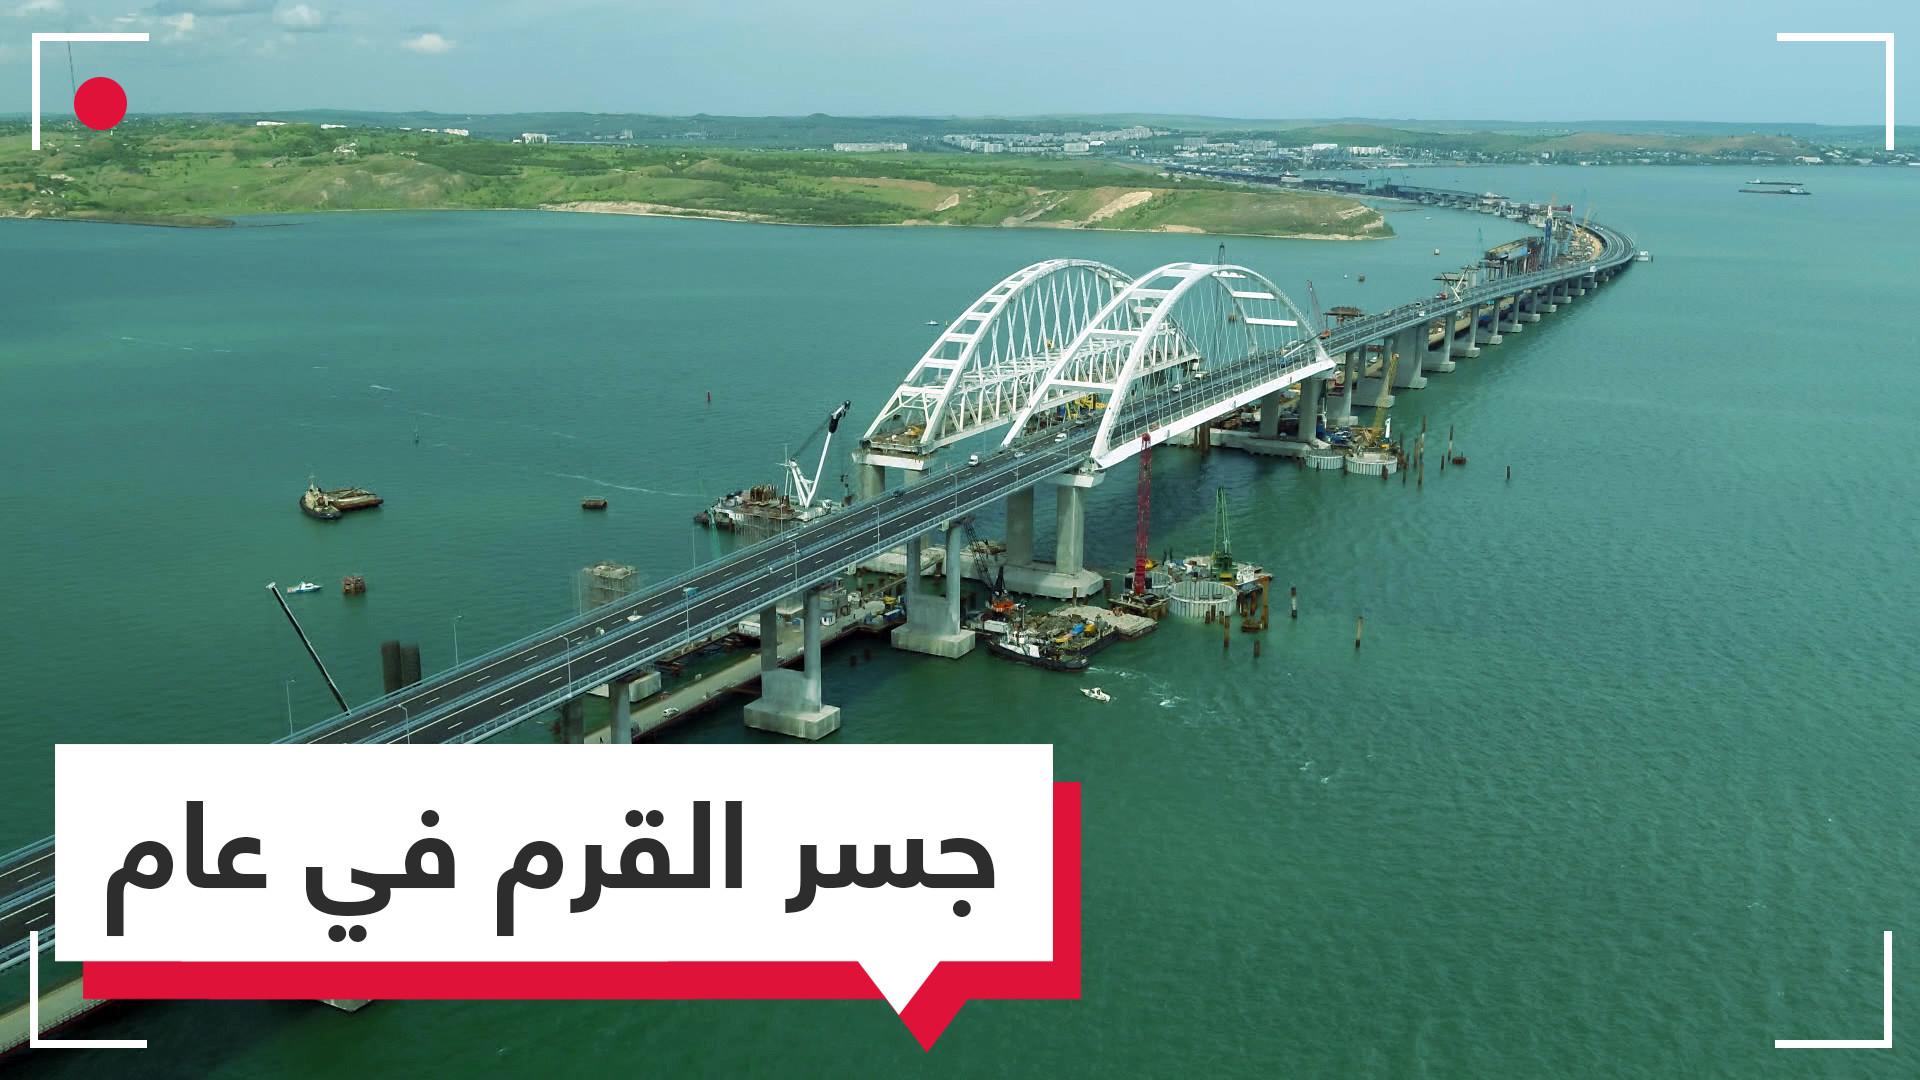 عام على افتتاح أطول جسر في أوروبا.. ربط بين جزيرة القرم  والوطن الأم روسيا ونشط السياحة